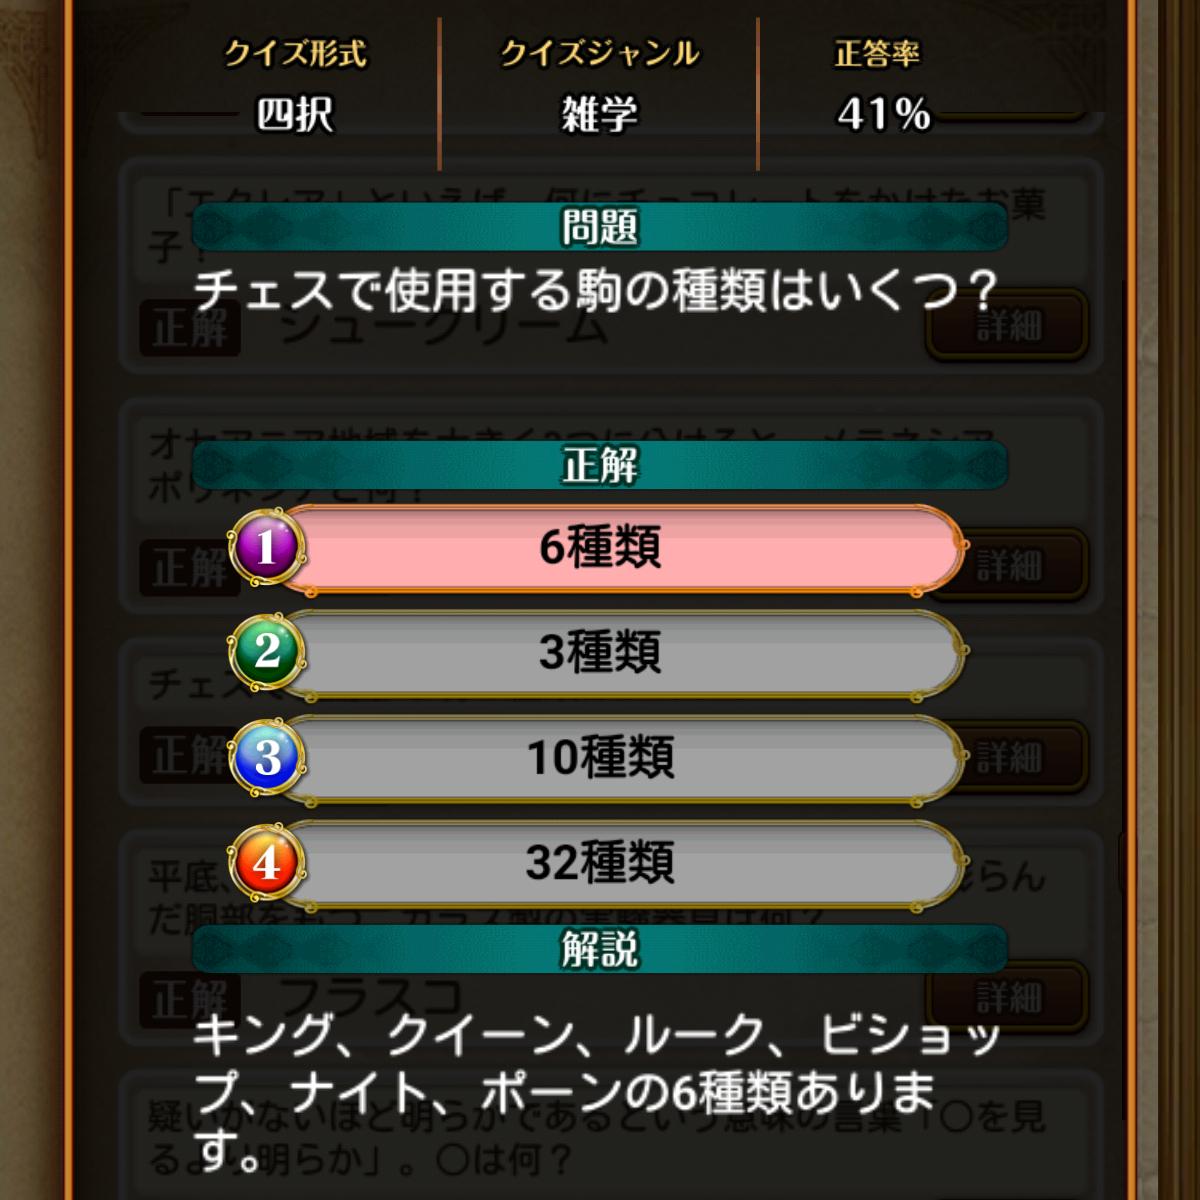 f:id:Tairax:20210513021905p:plain